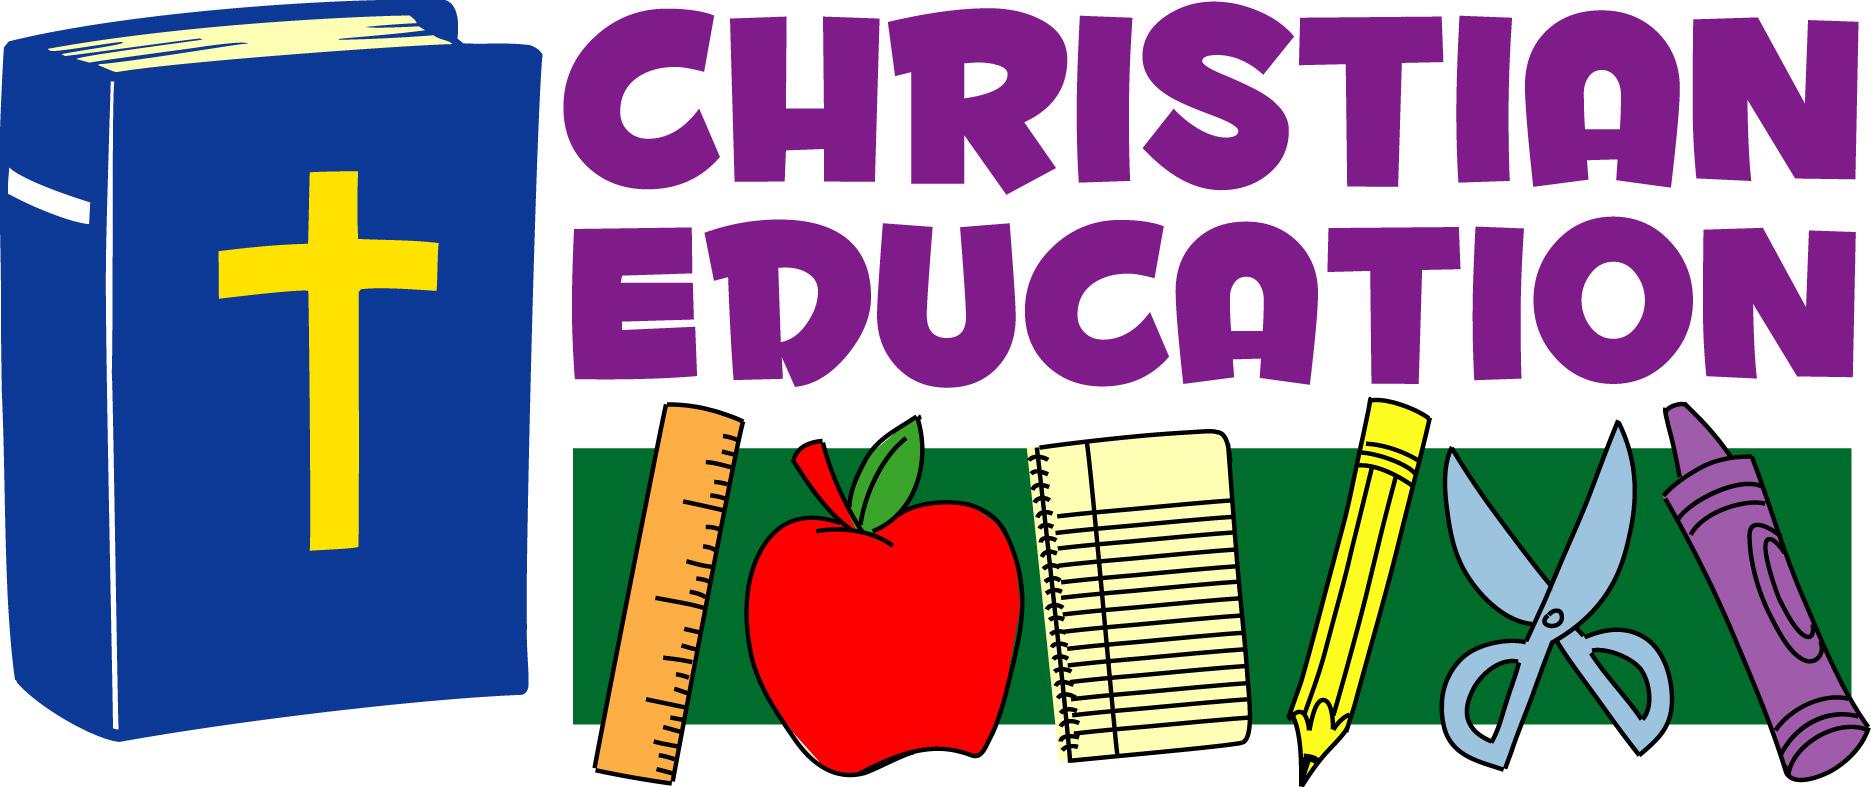 Academics Normandie Christian School